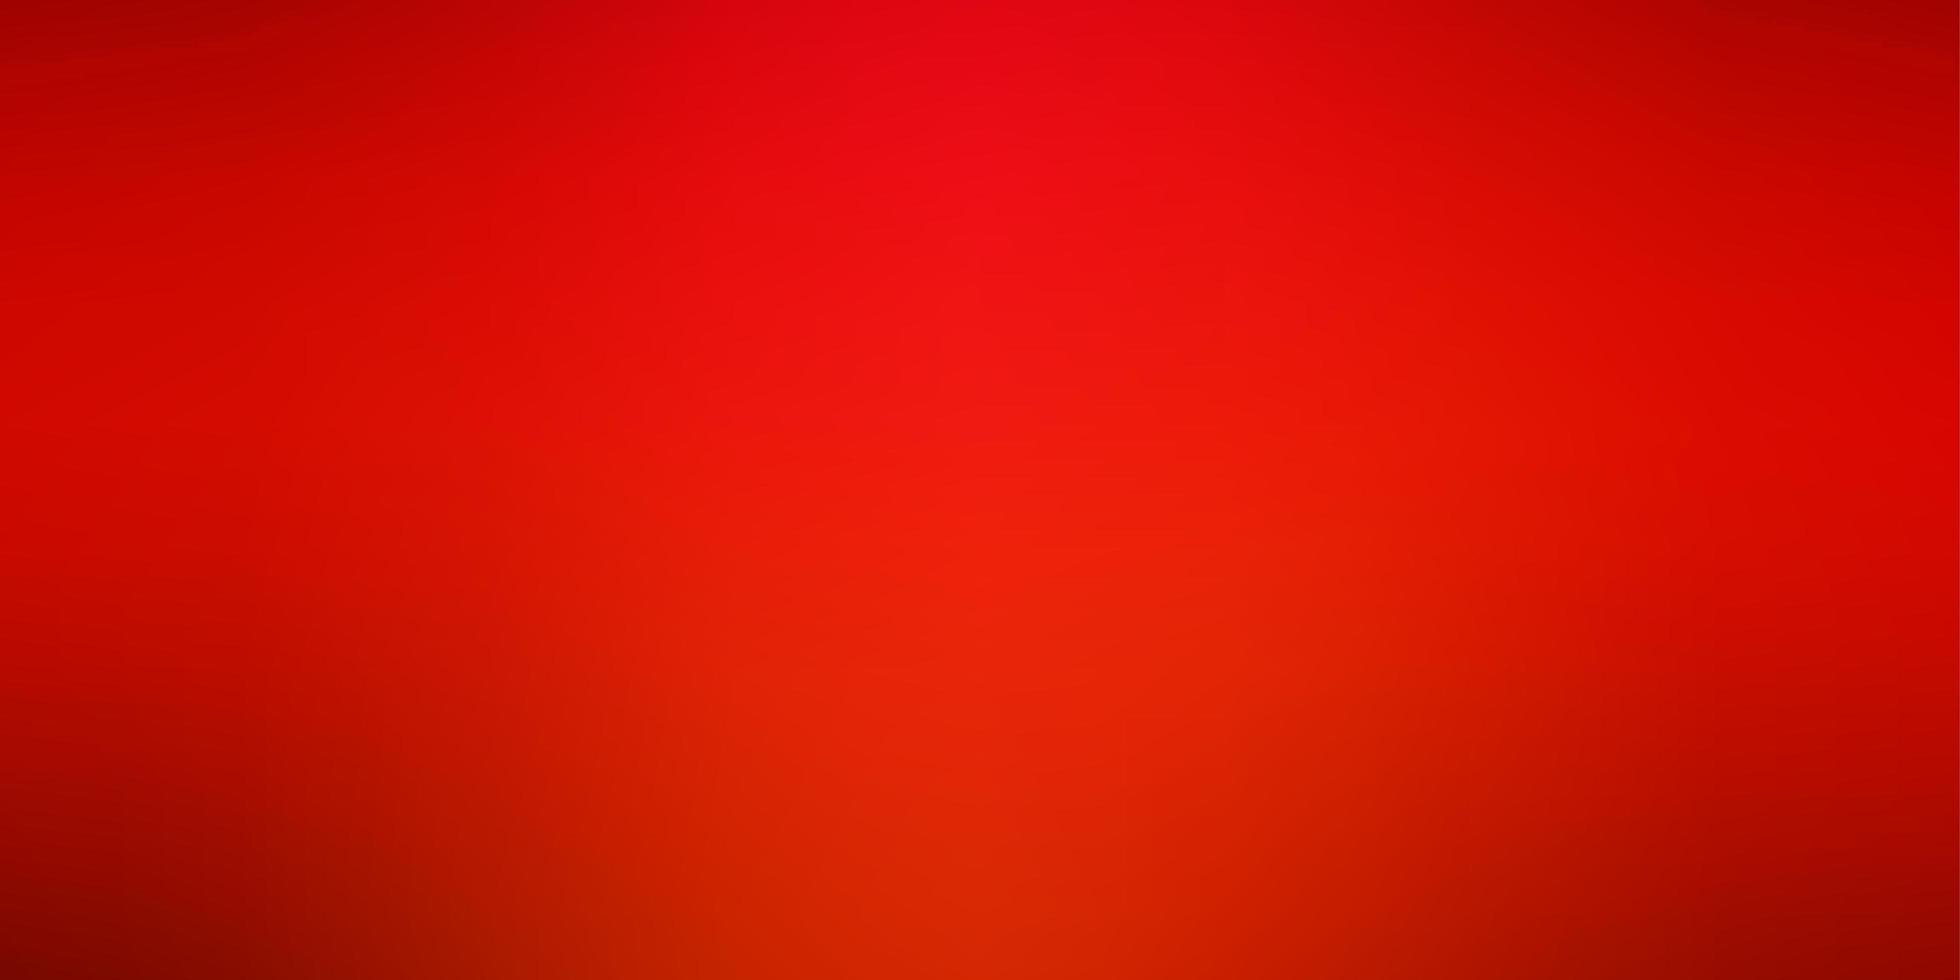 plantilla borrosa roja. vector